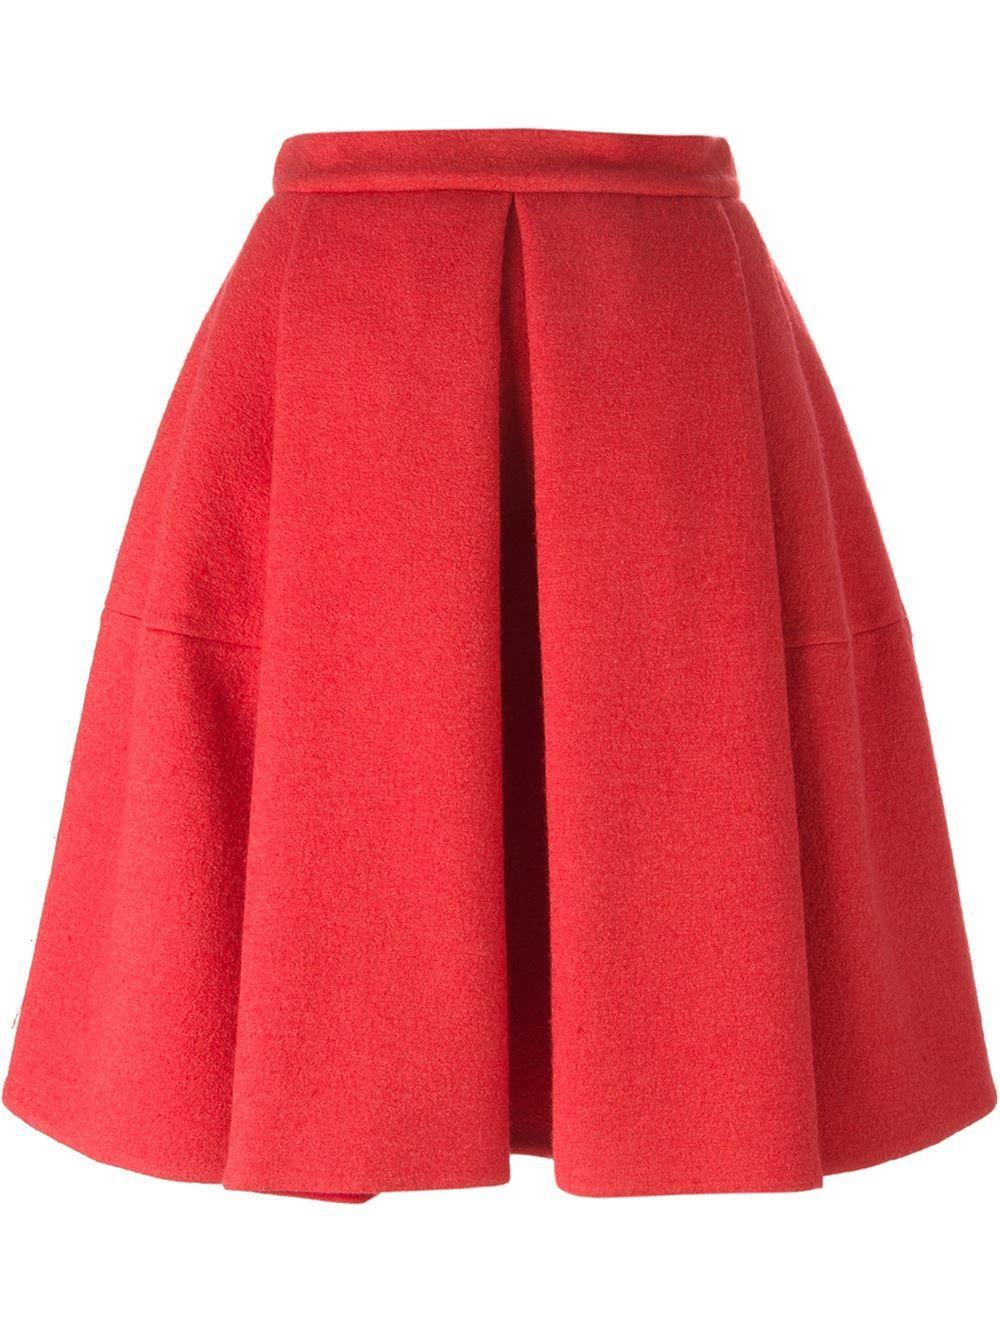 Ermanno Scervino Pleated Skirt - Russo Capri - Farfetch.com